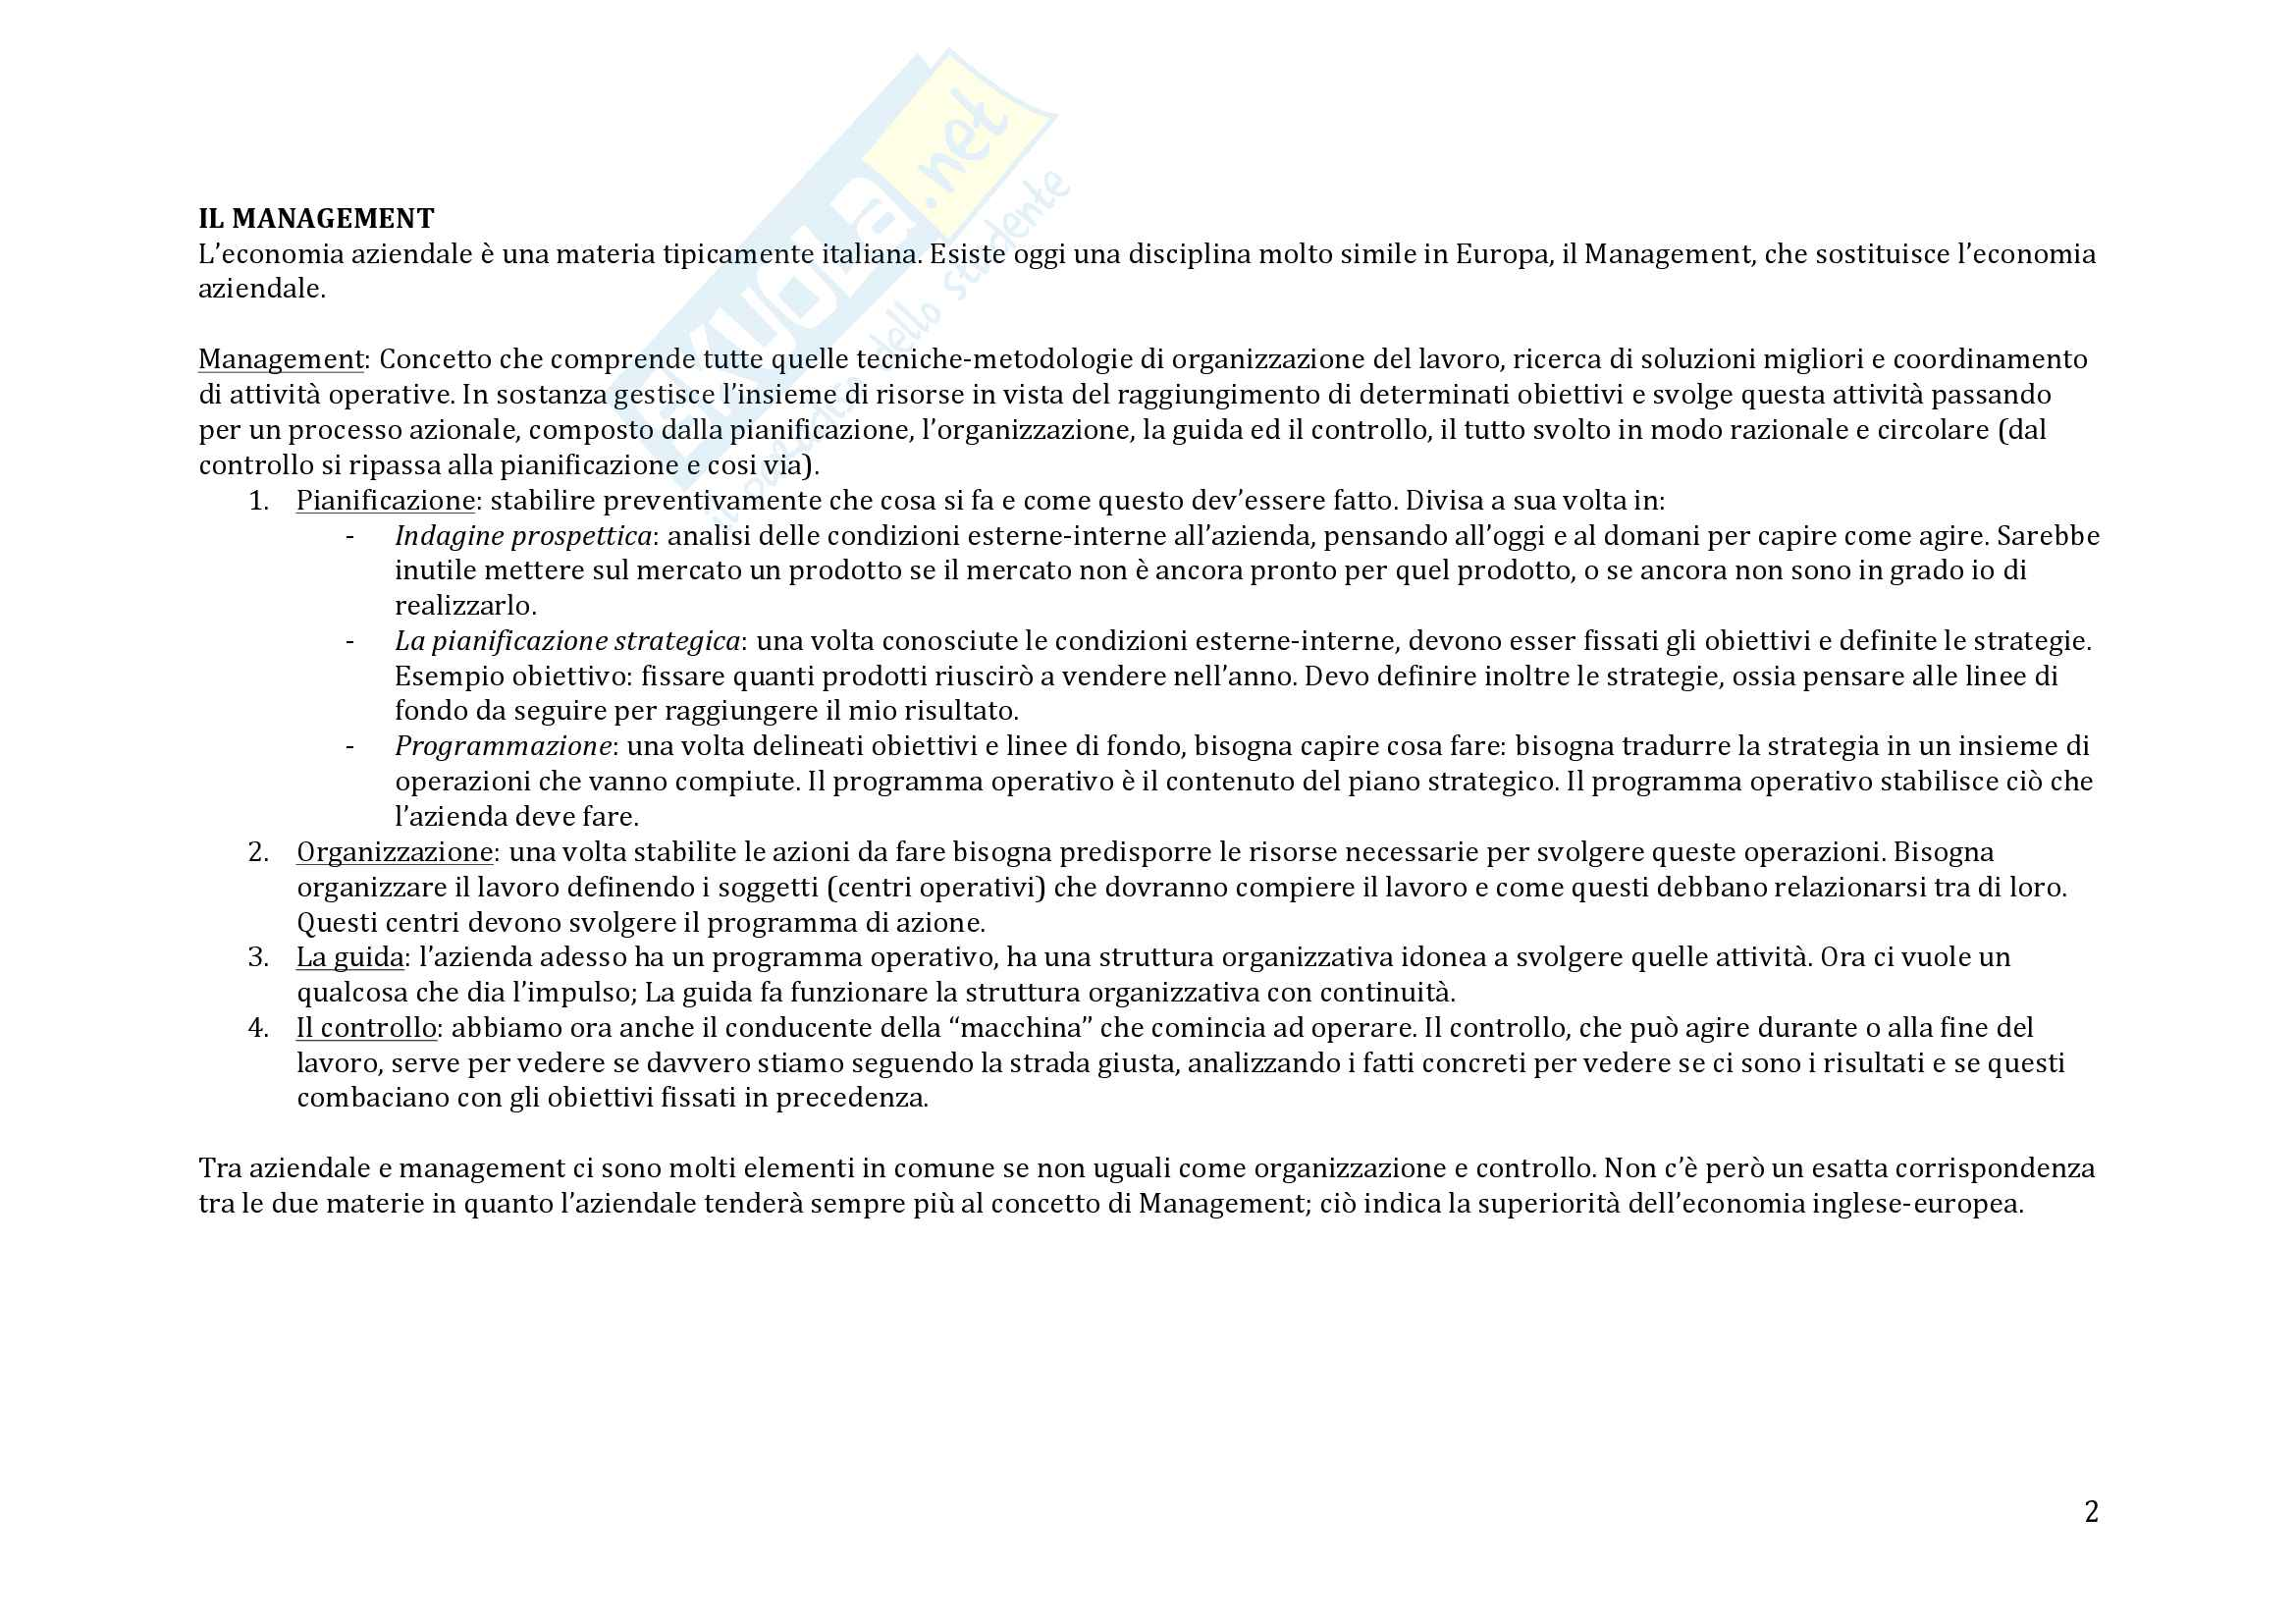 Riassunto esame Economia Aziendale - Michele Galeotti Pag. 2